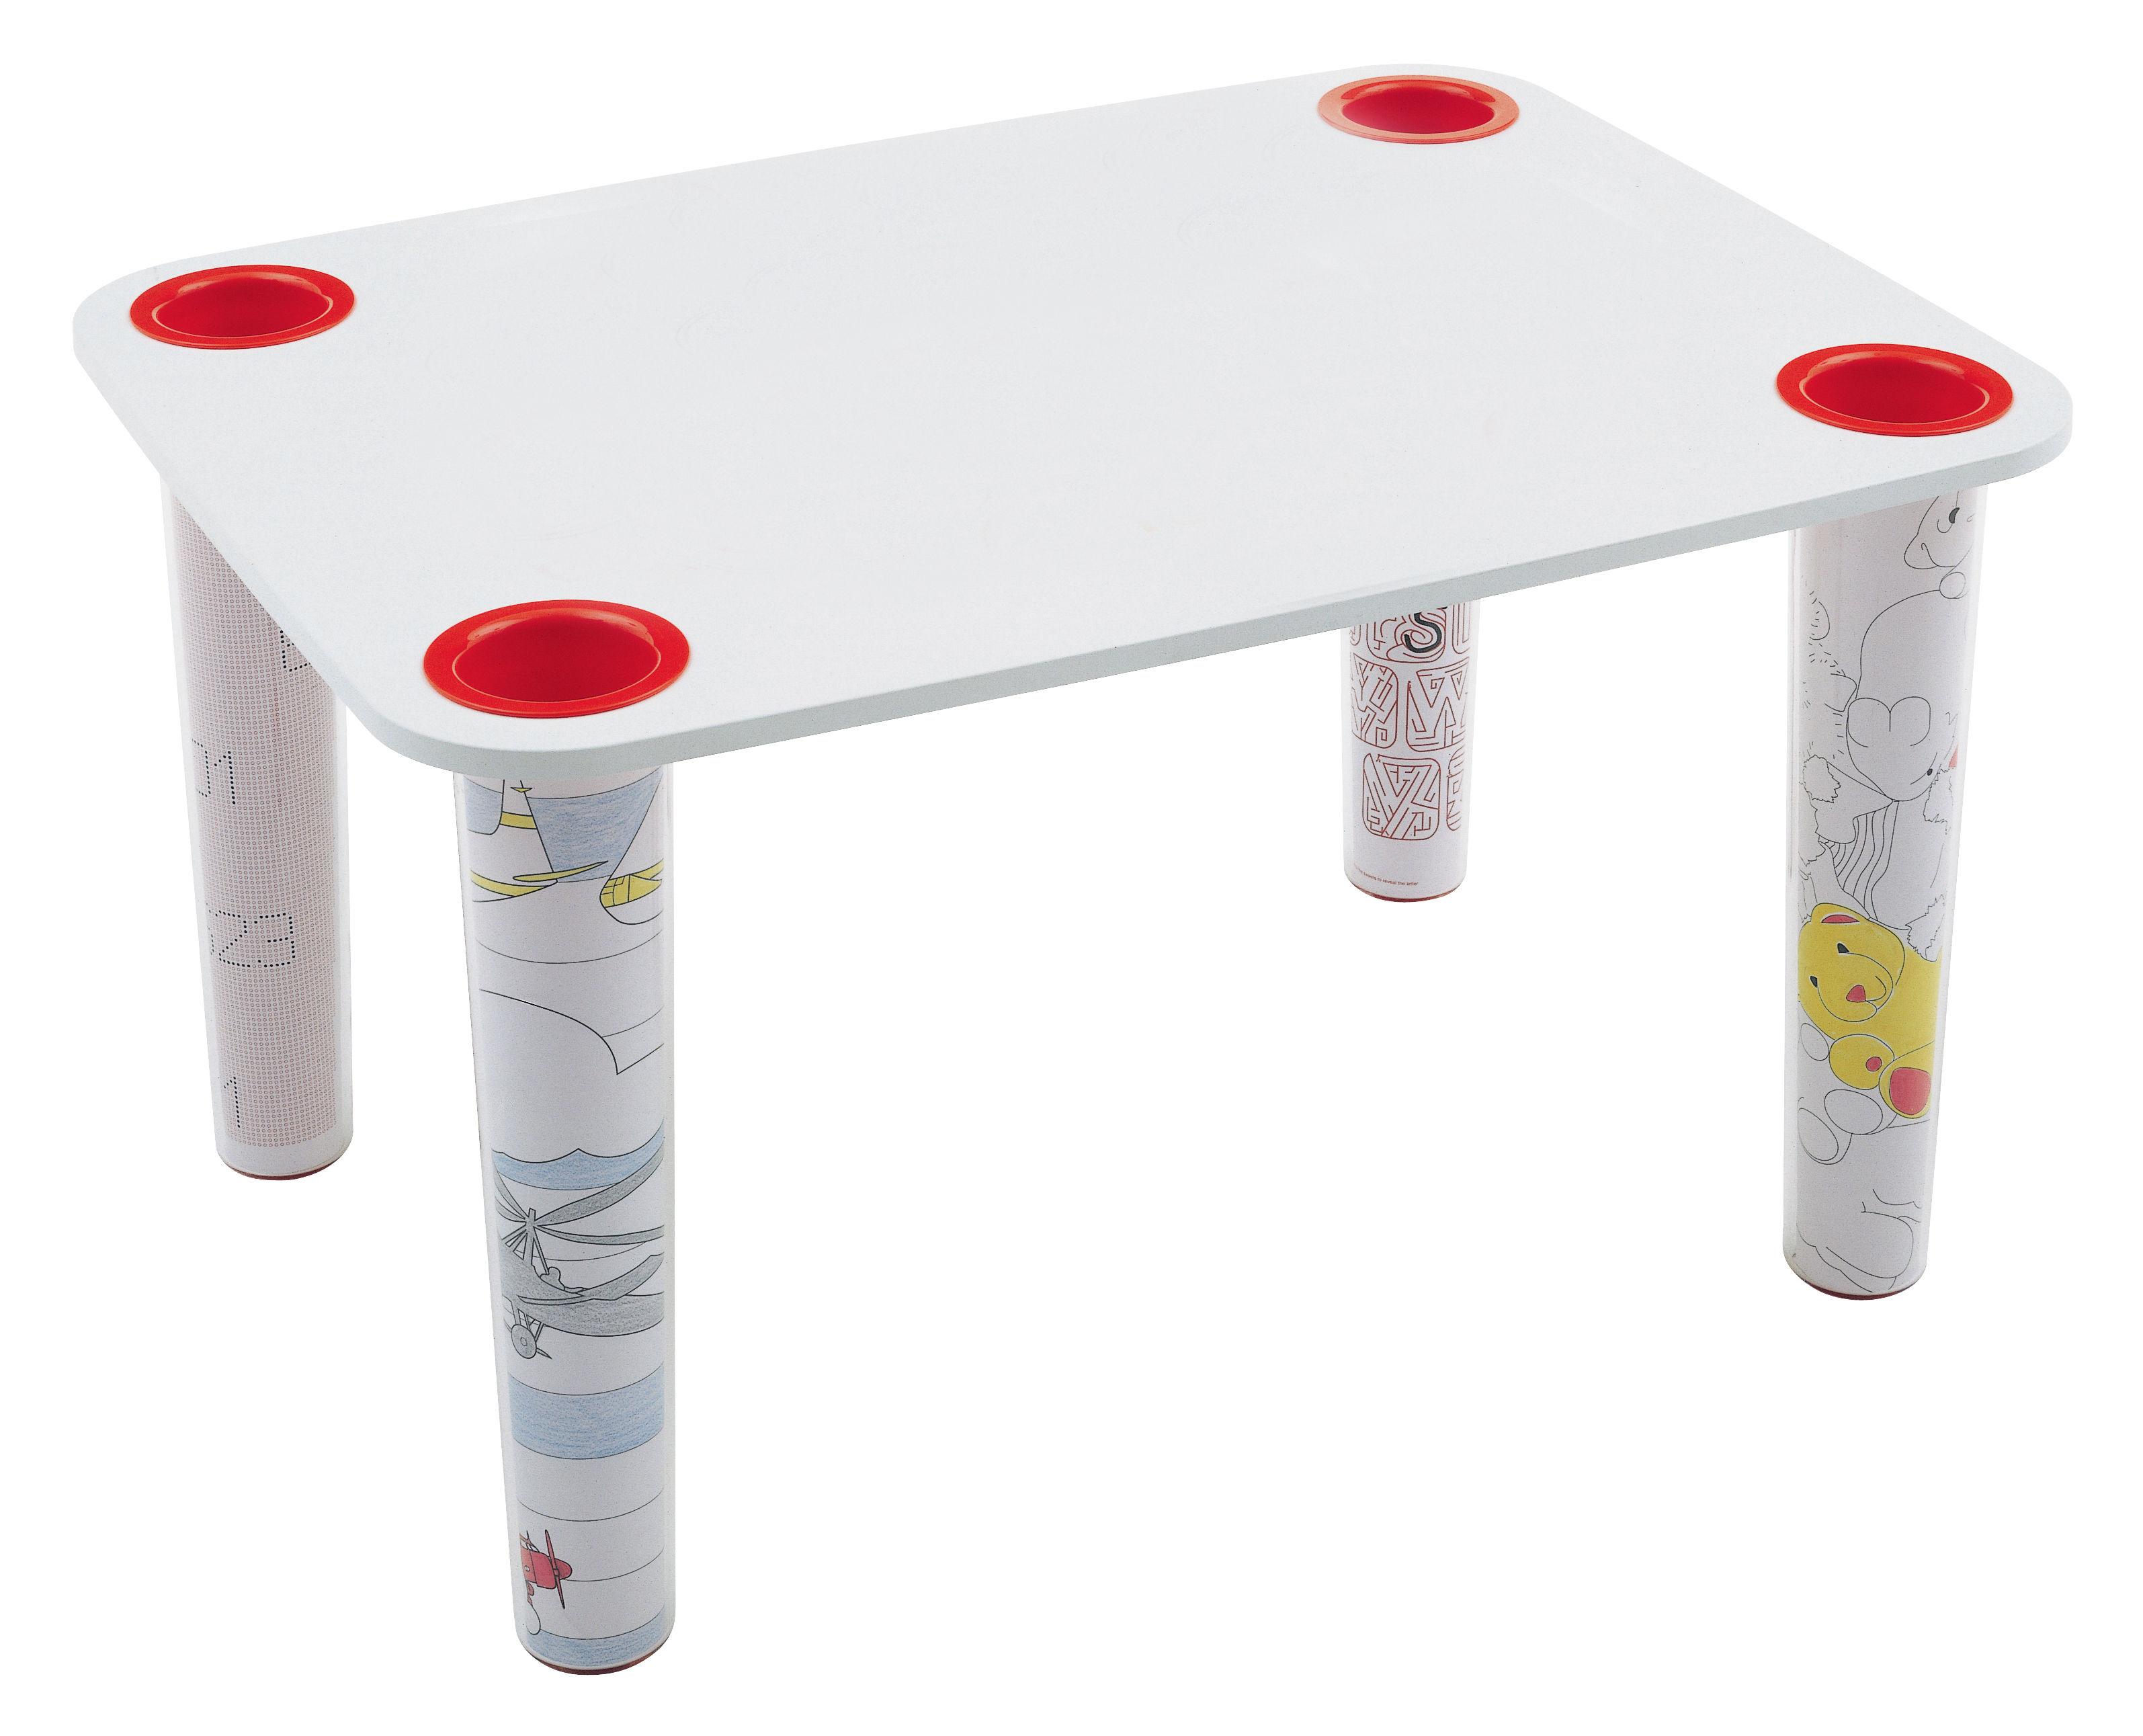 Mobilier - Mobilier Kids - Plateau de table Little Flare - Magis Collection Me Too - Plateau seul / Blanc uni - MDF finition polymère